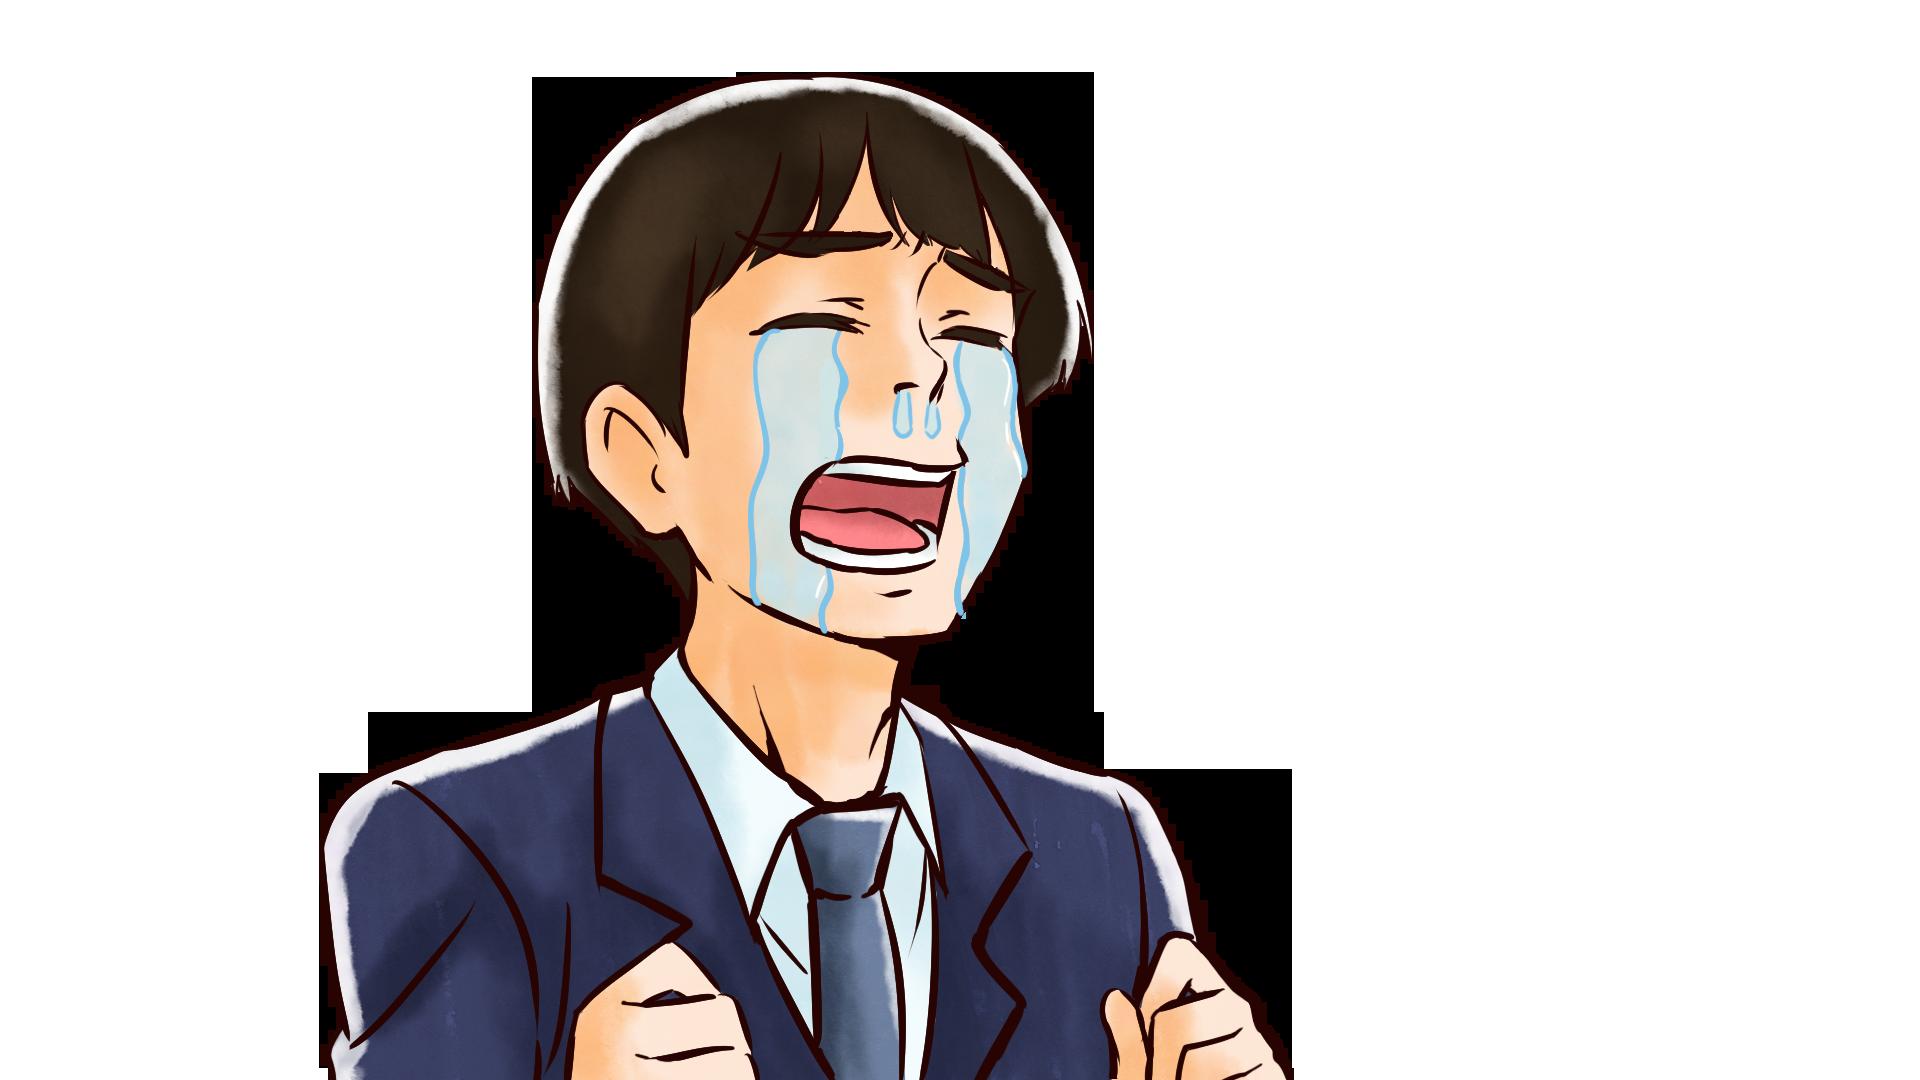 号泣する若い社会人男性のフリーイラスト画像素材【商用無料】 | アイ